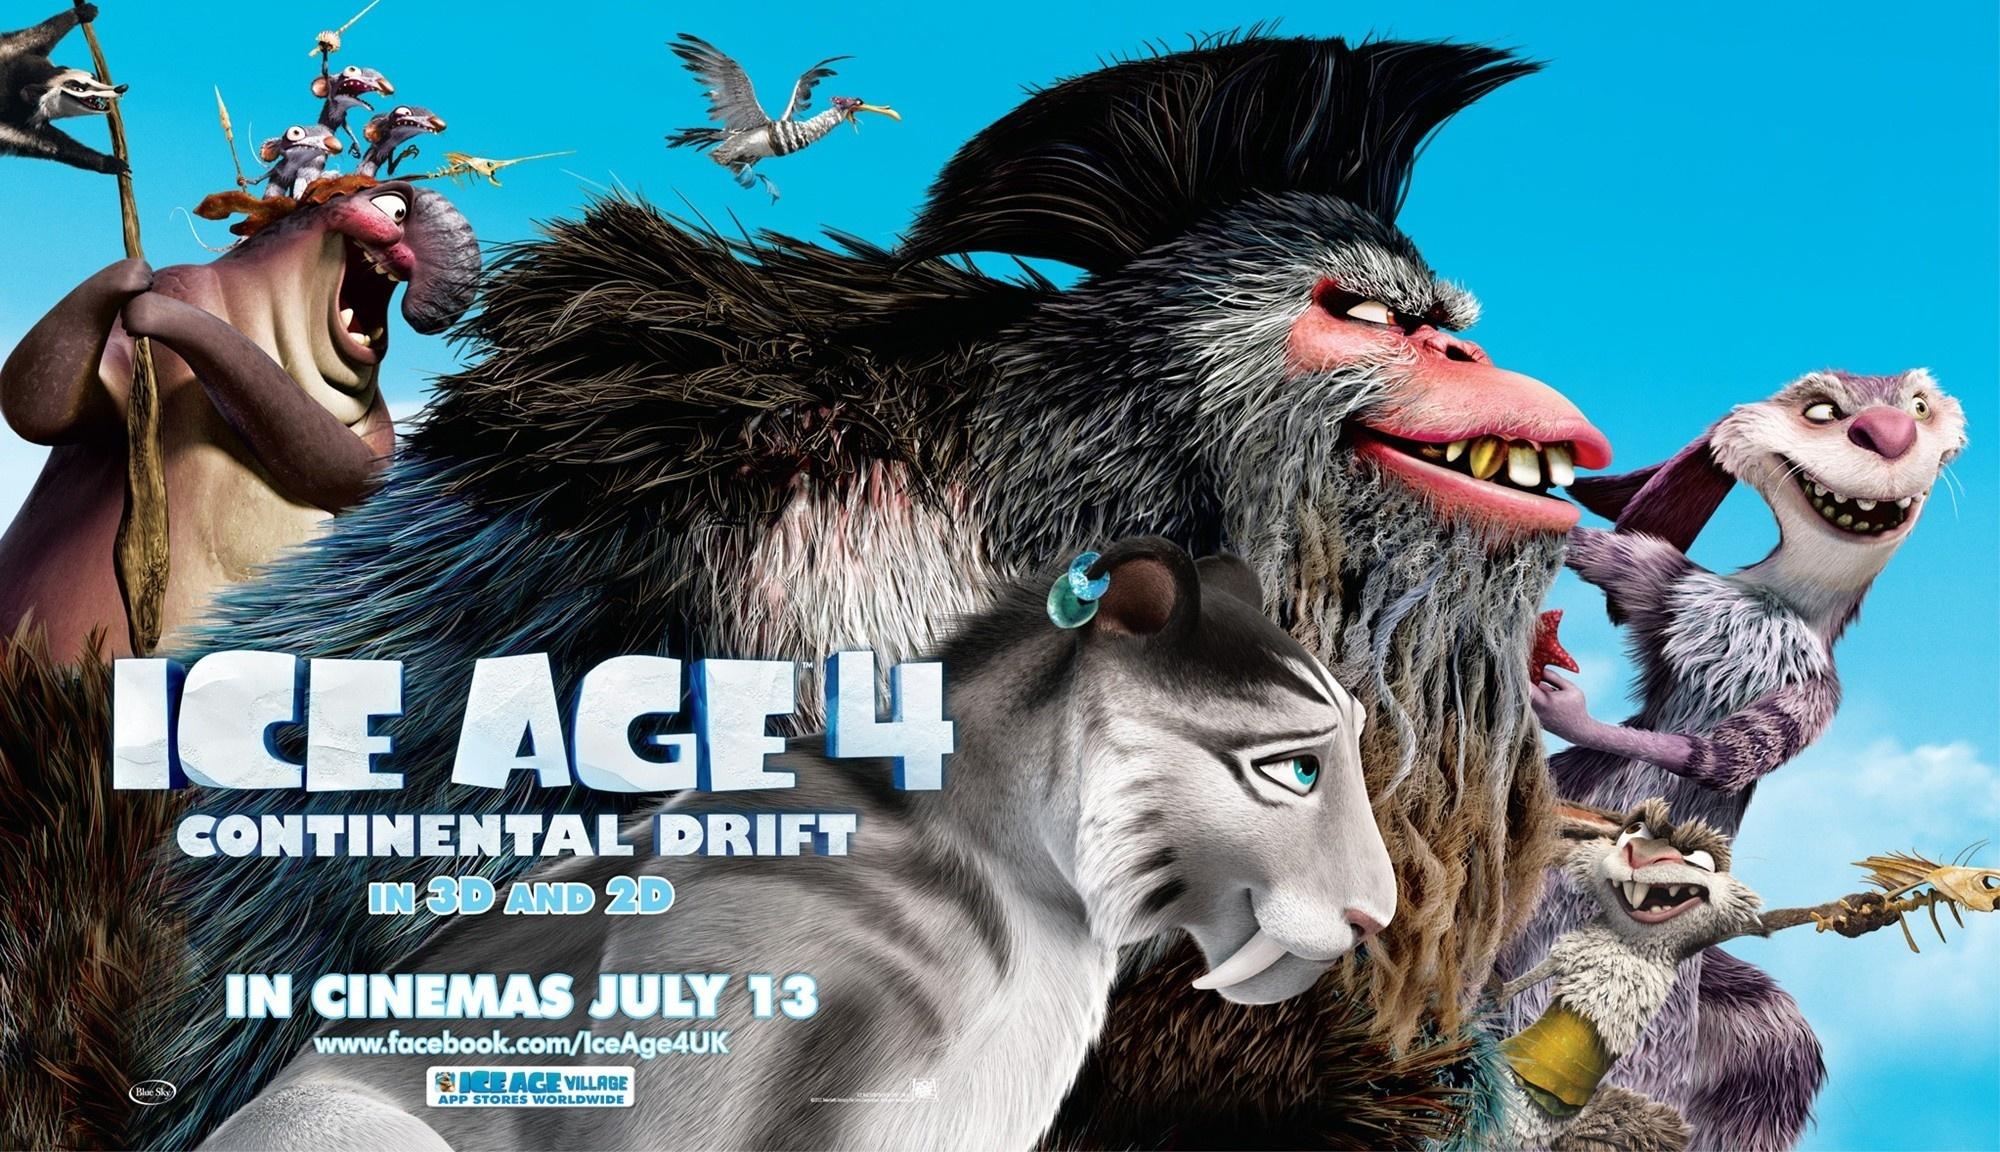 冰河时代2歌曲列表_冰川时代4海报 - TR图片·如斯 - 发现事物新价值